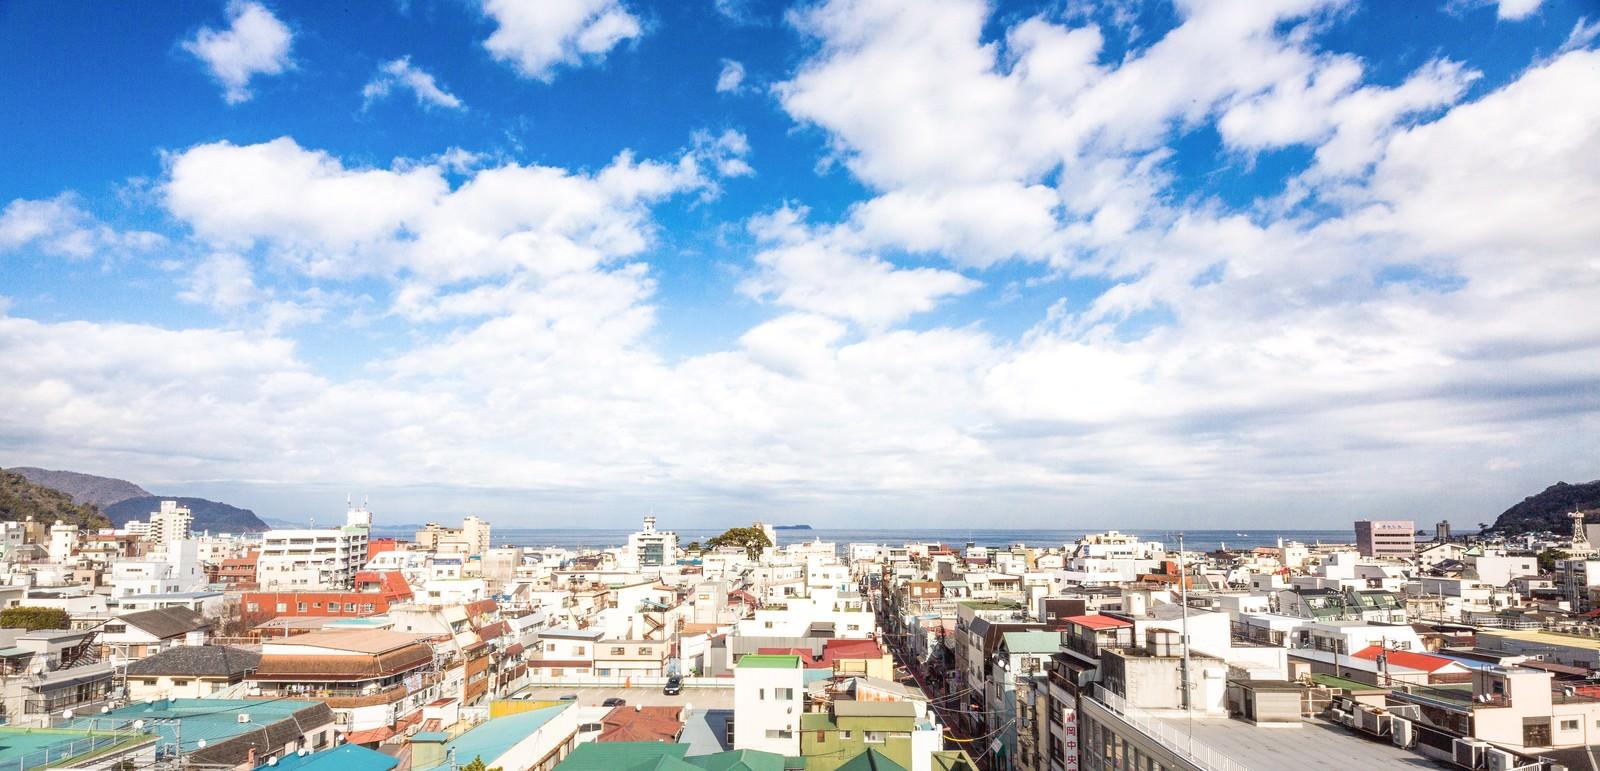 「伊東の海と街並み伊東の海と街並み」のフリー写真素材を拡大